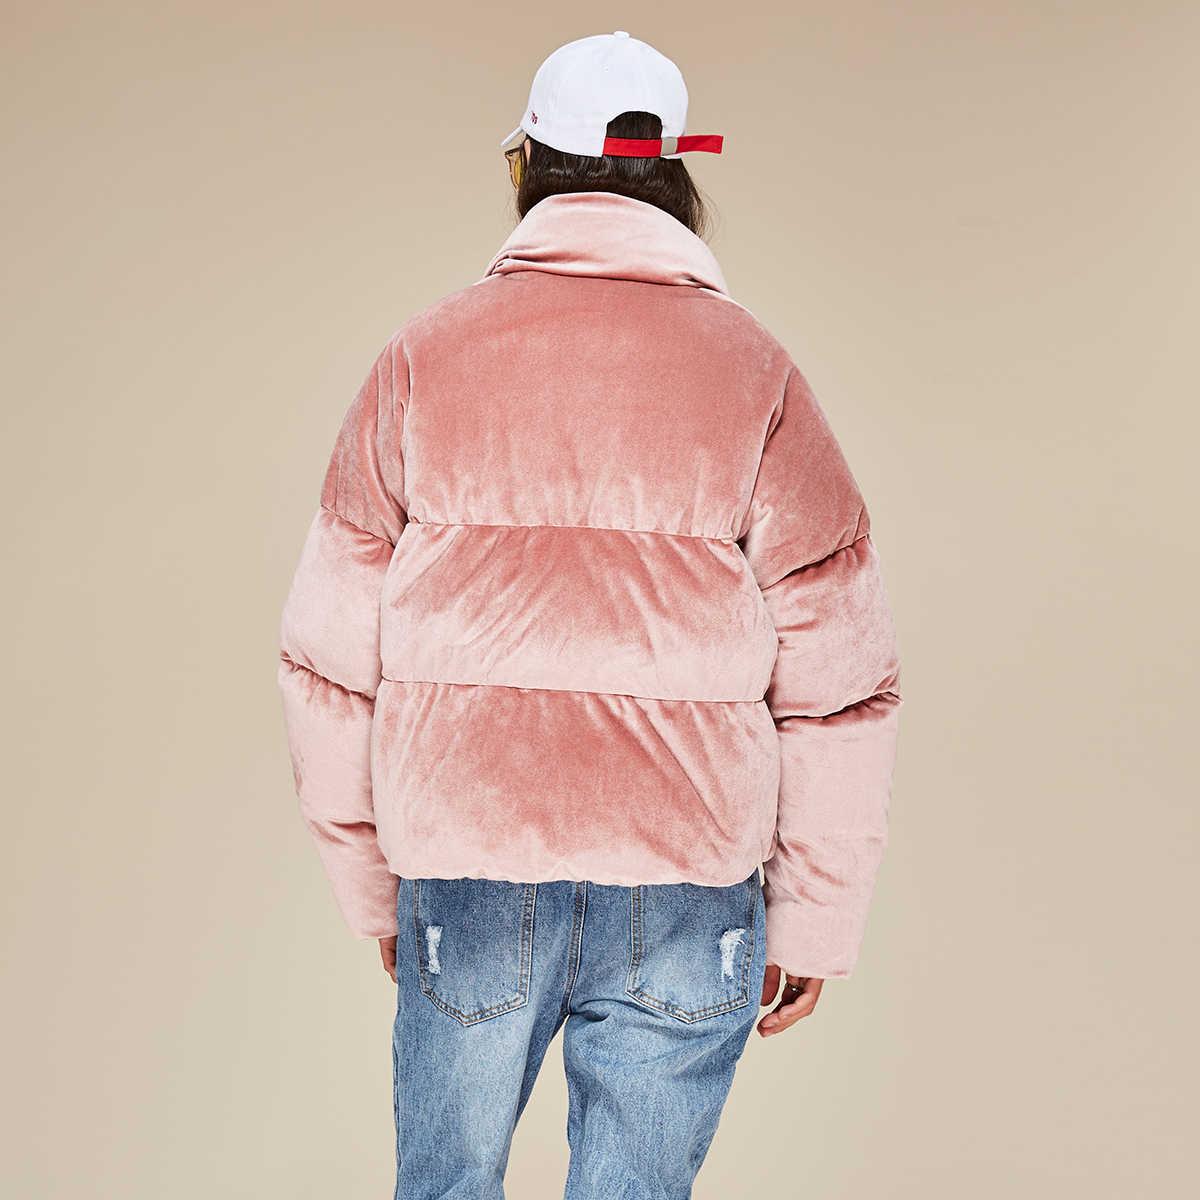 783c3661747 ... JAZZEVAR новая зимняя мода женщина толщиной 90% пуховик бархатное платье  мини парки розового цвета пальто ...